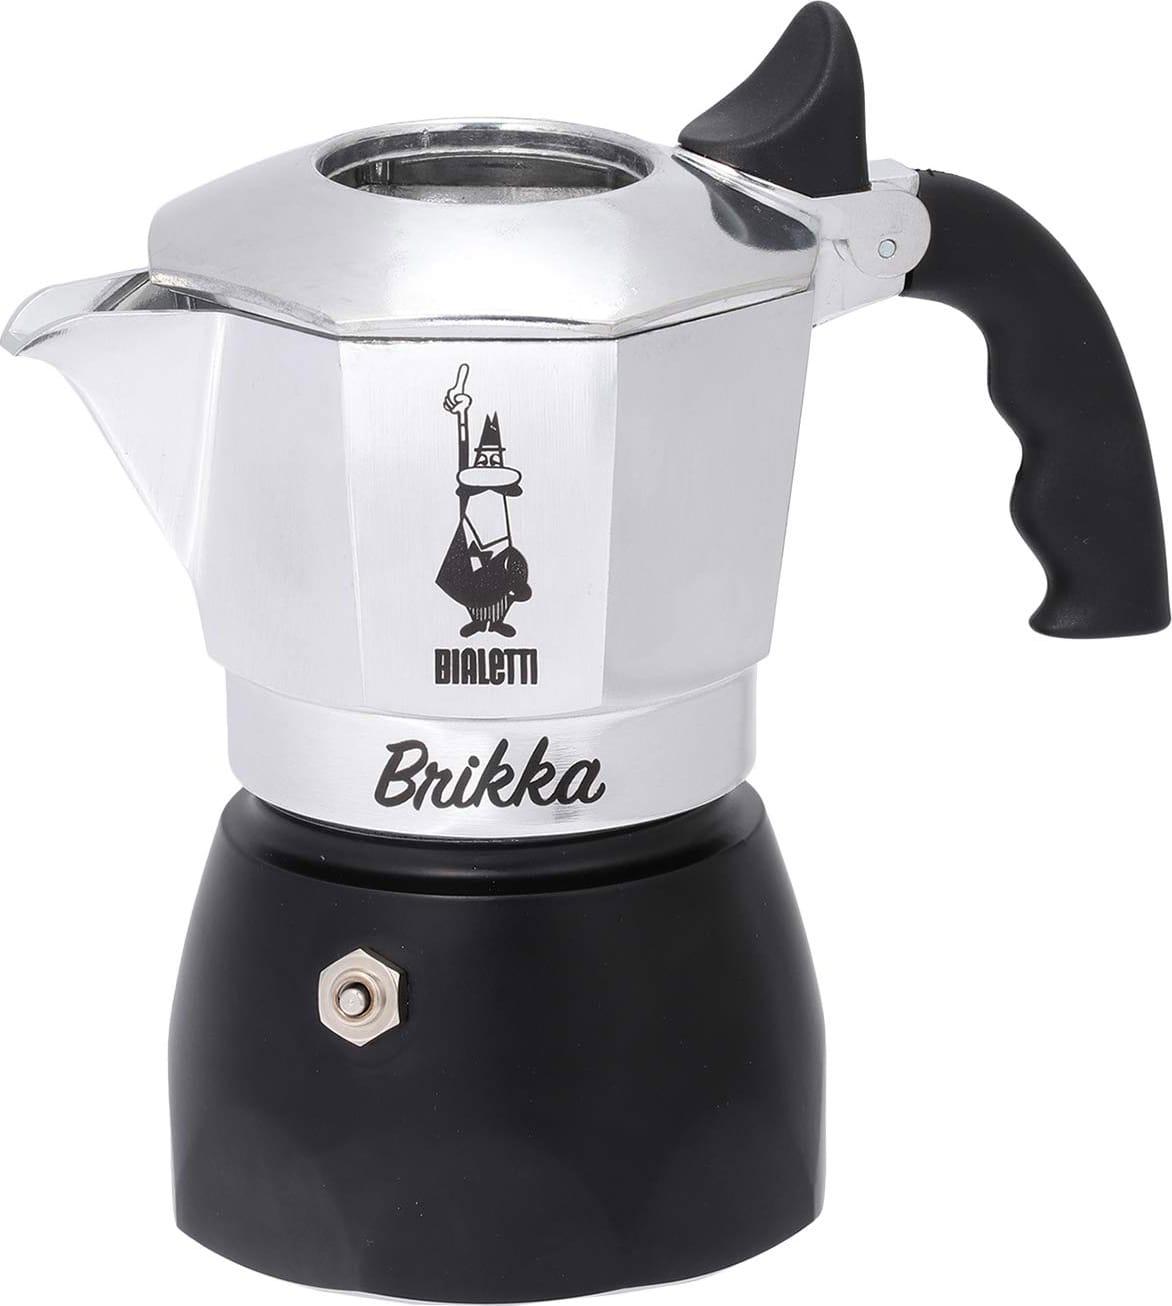 Bialetti 0006782 Macchinetta Caffè In Polvere Moka 2 Tazze Colore Acciaio E Nero - 0006782 Brikka